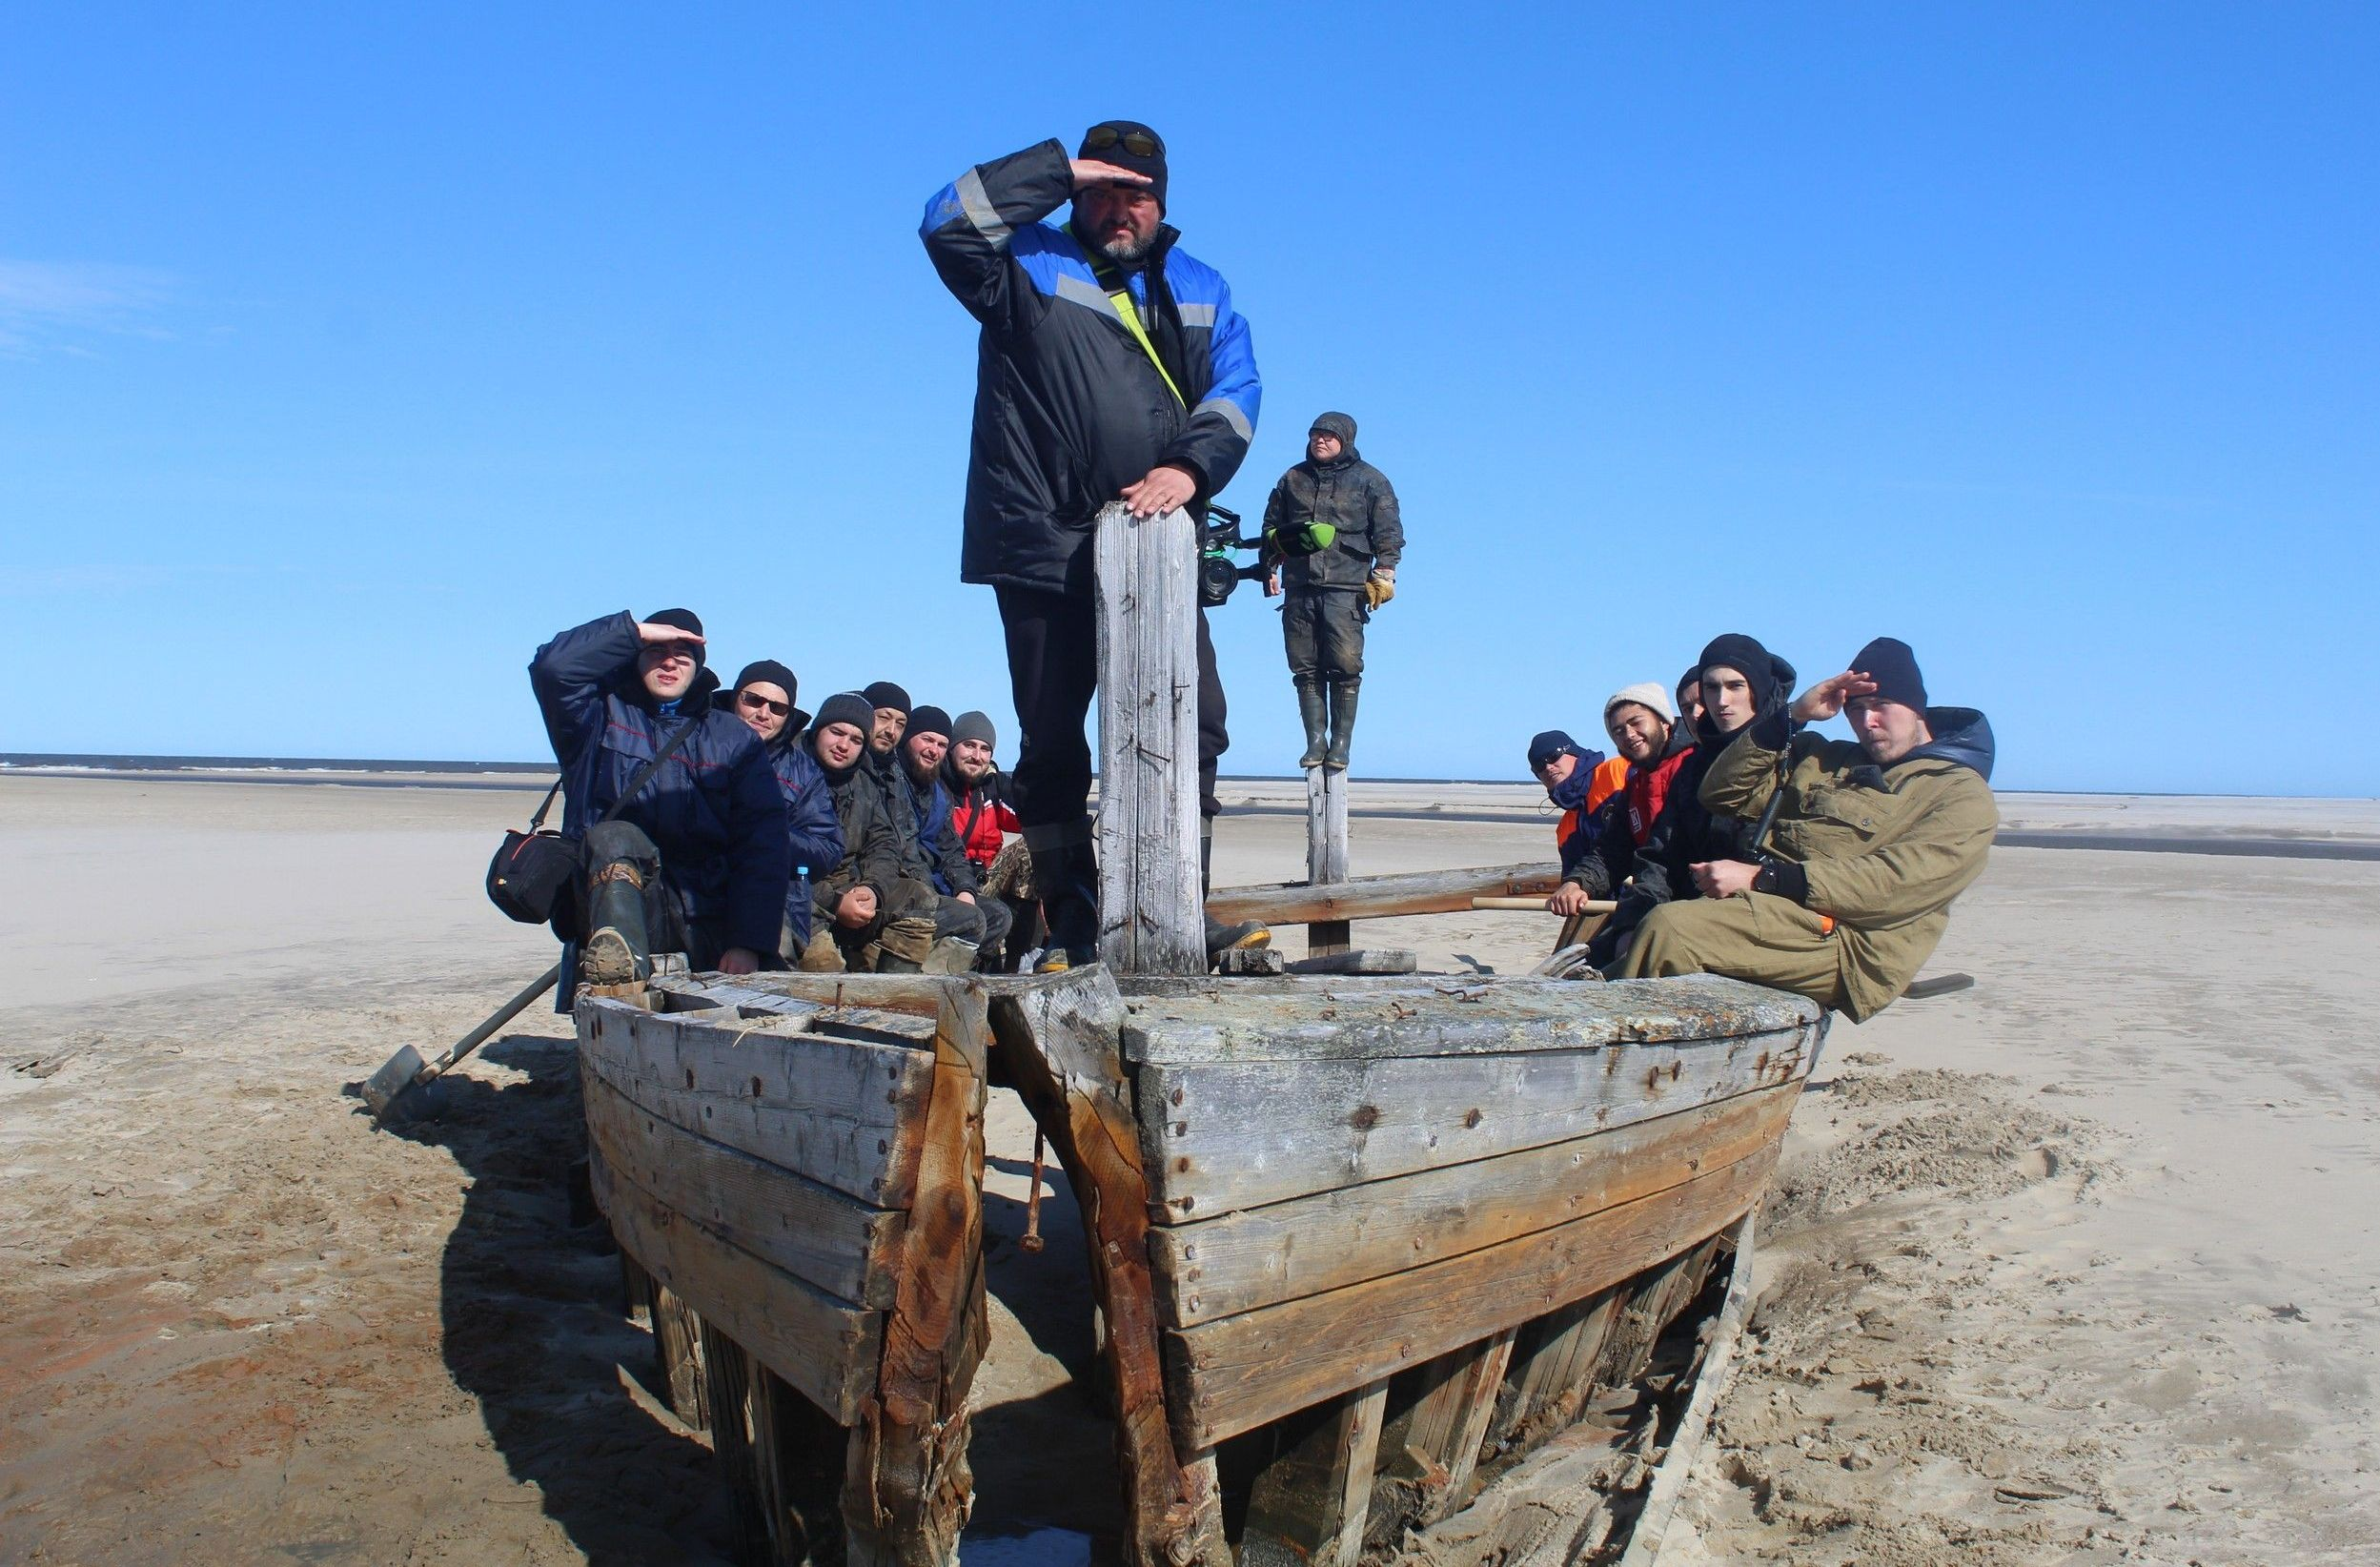 Казахстанцы приняли участие в экологической экспедиции в Арктике